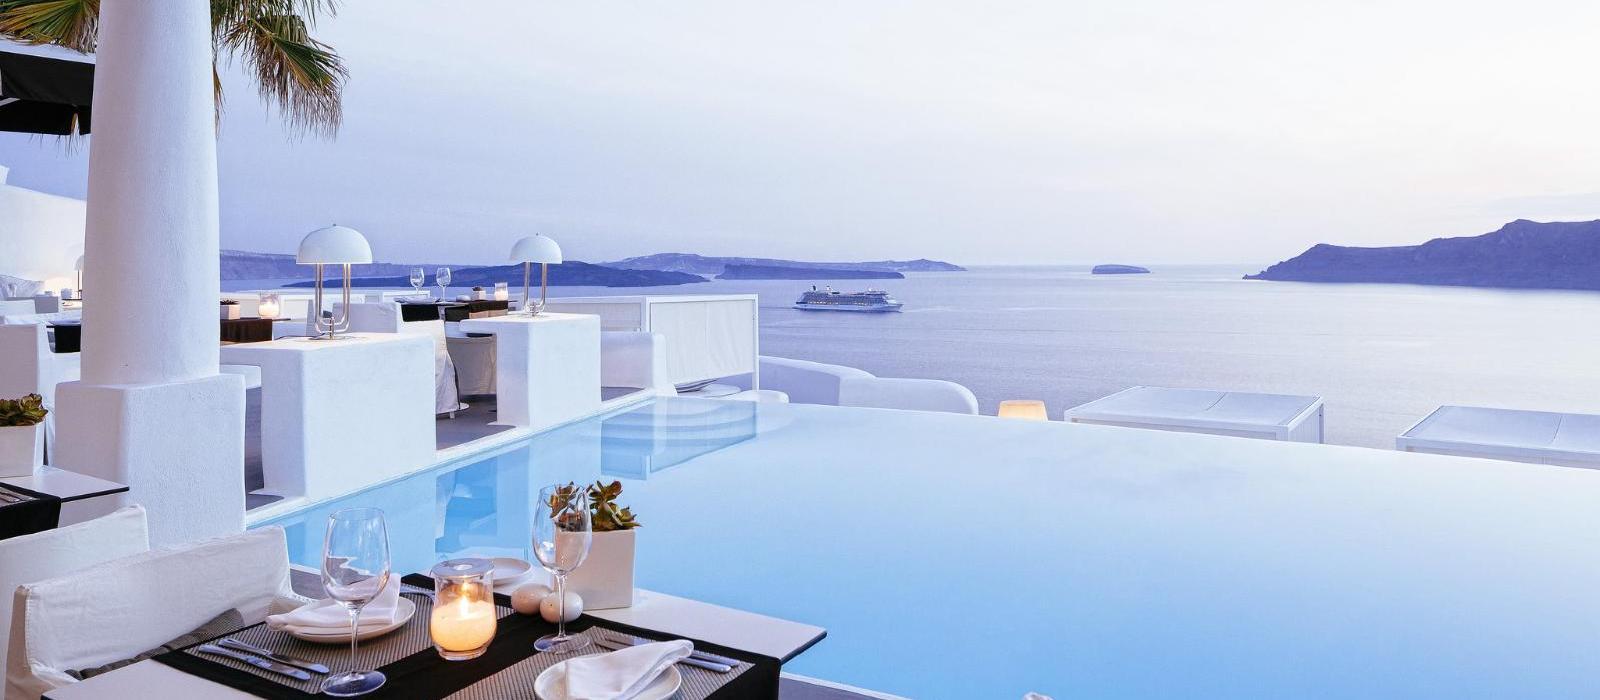 圣托里尼嘉邸祺琪丽霓酒店(Katikies Kirini Santorini) 图片  www.lhw.cn